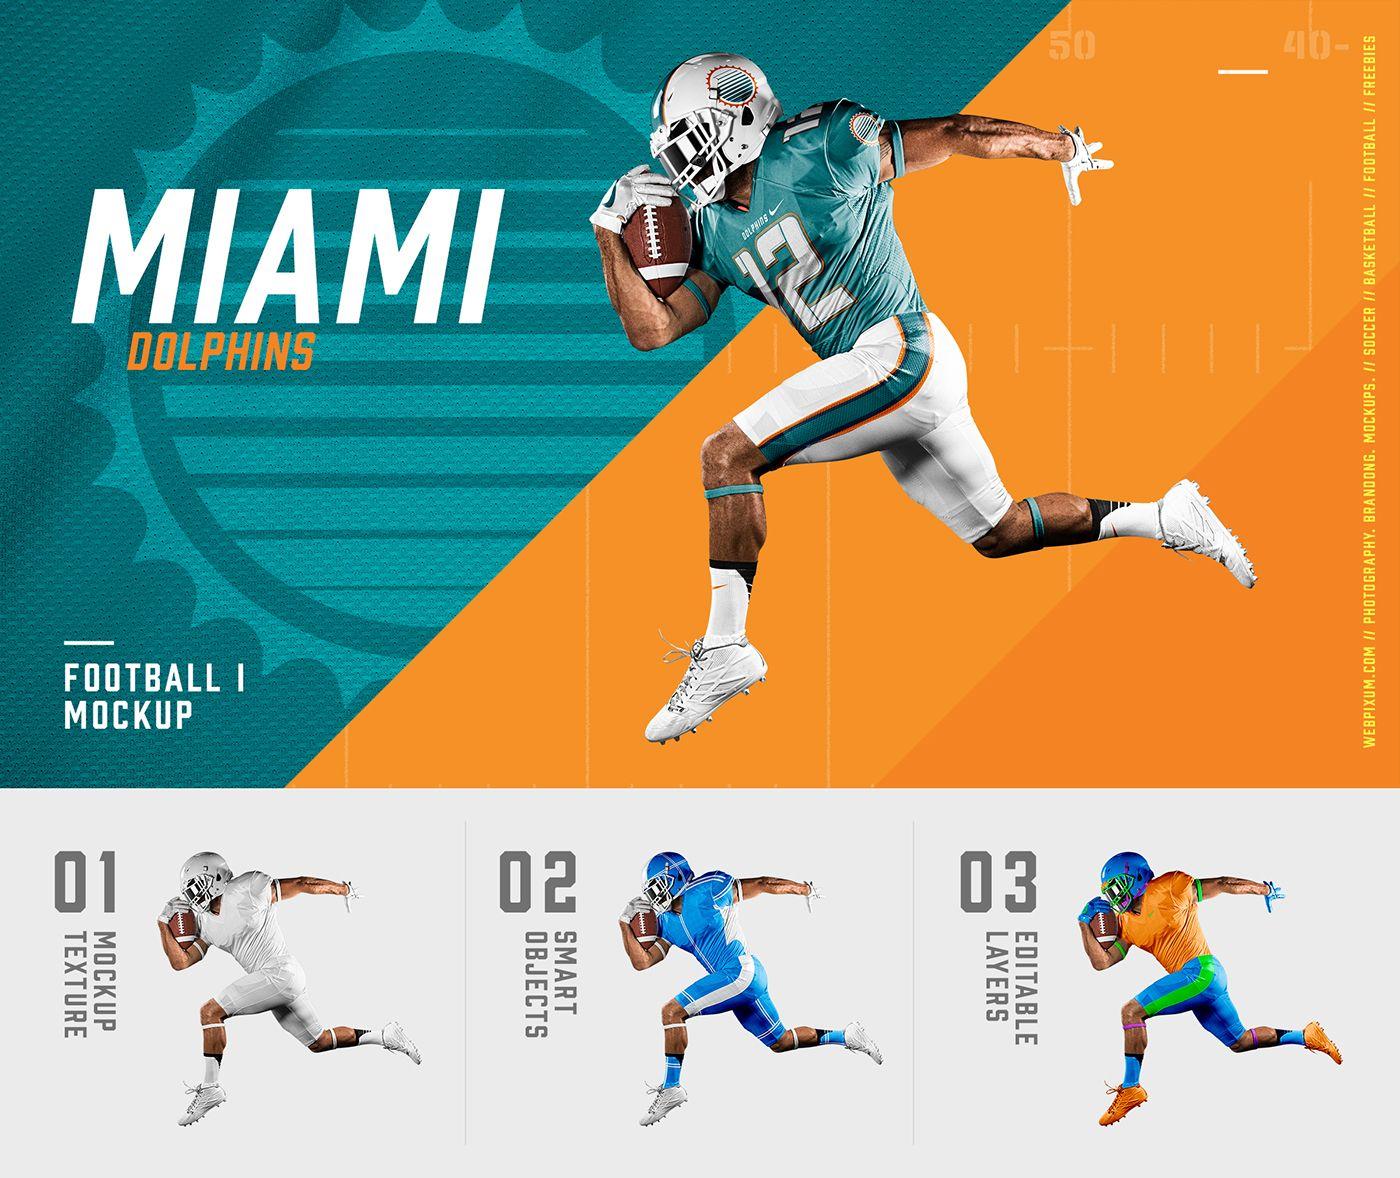 Download NFL Football Uniform Mockups on Behance | Sports design ...